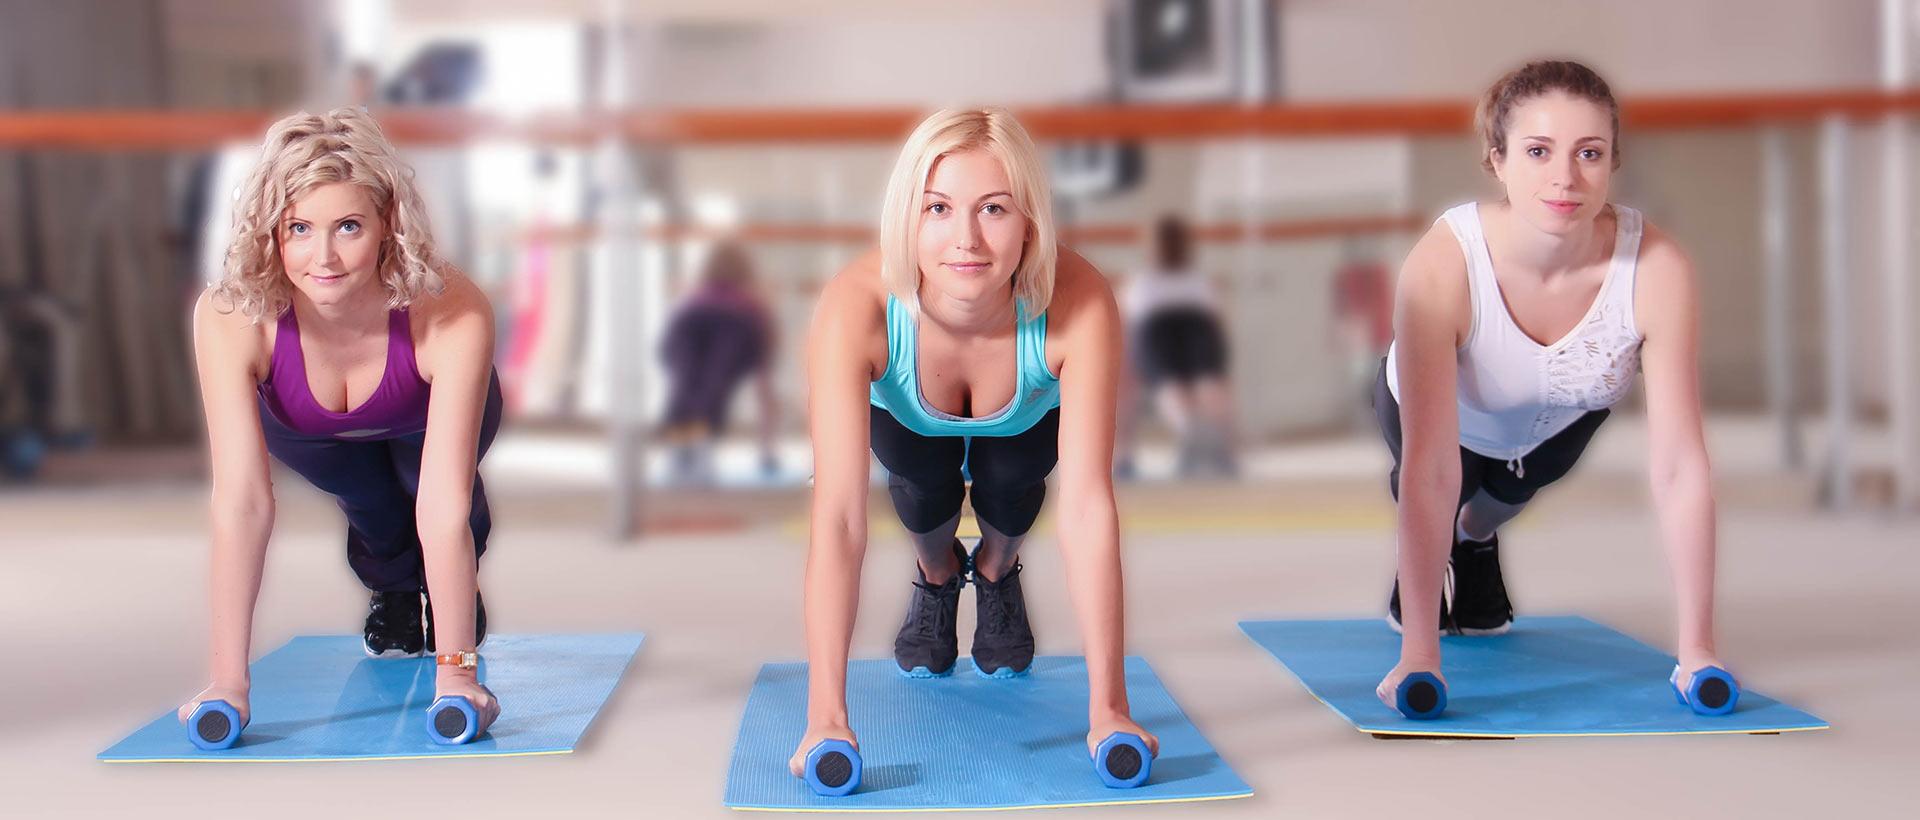 Чем шейпинг отличается от фитнеса?